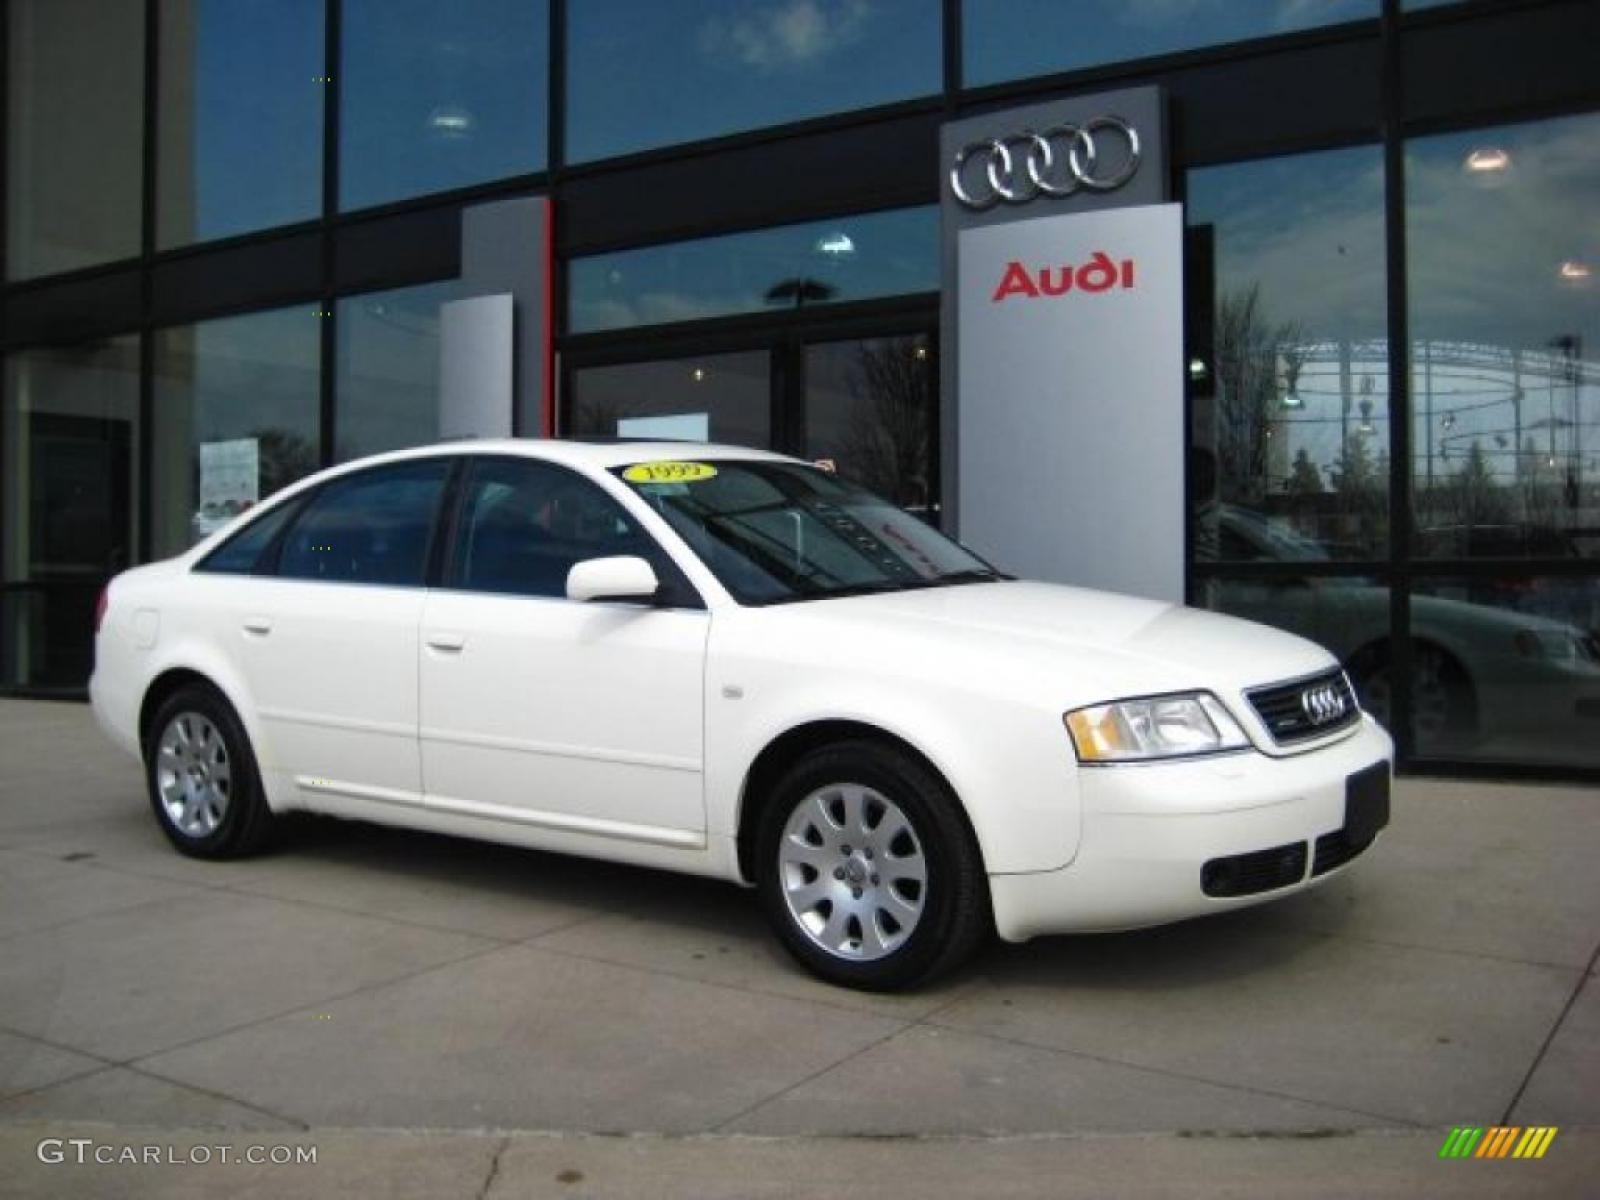 800 1024 1280 1600 origin 1999 Audi A6 ...